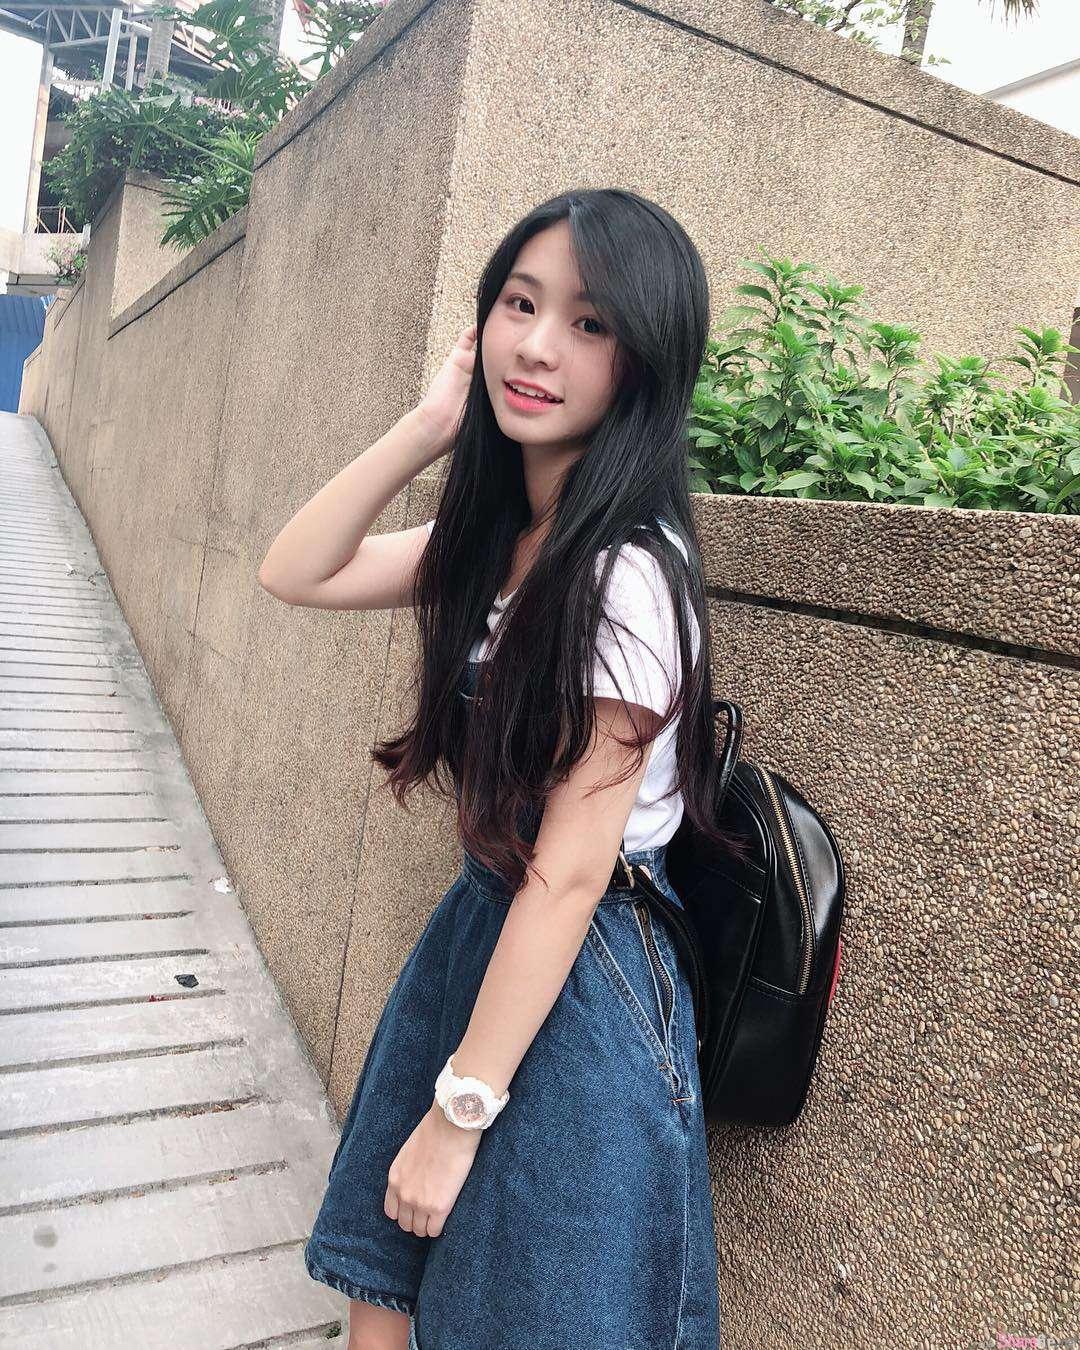 小幼女妹_大马学生正妹Miki咏瑄,圆脸系可爱小女孩